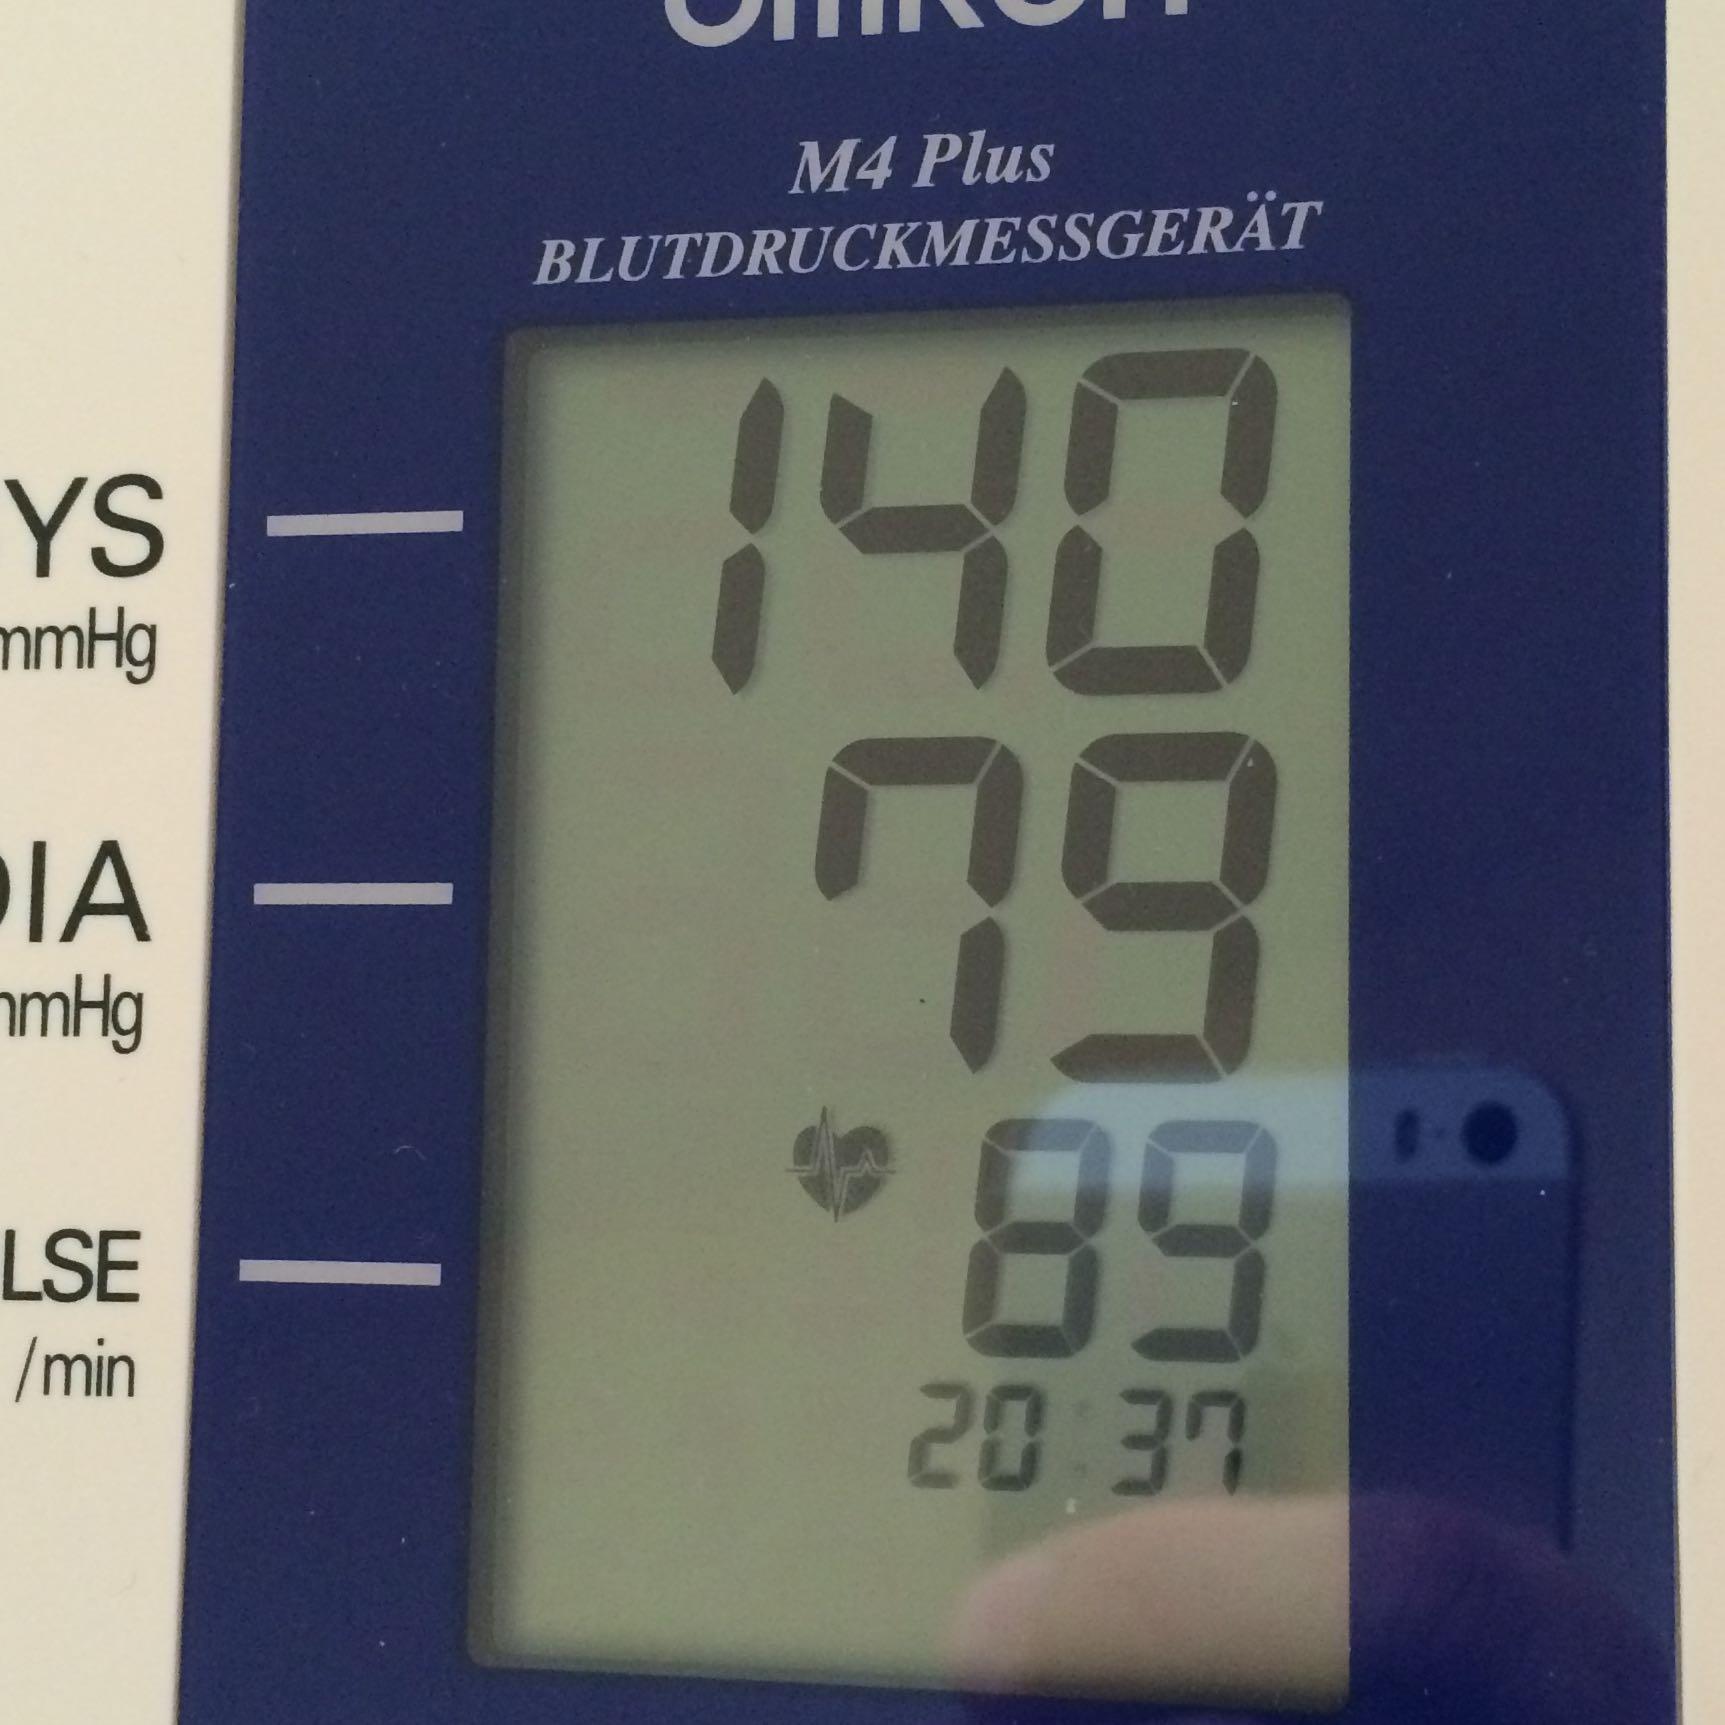 Blutdruck Werte in Ordnung? (Wert, Puls)